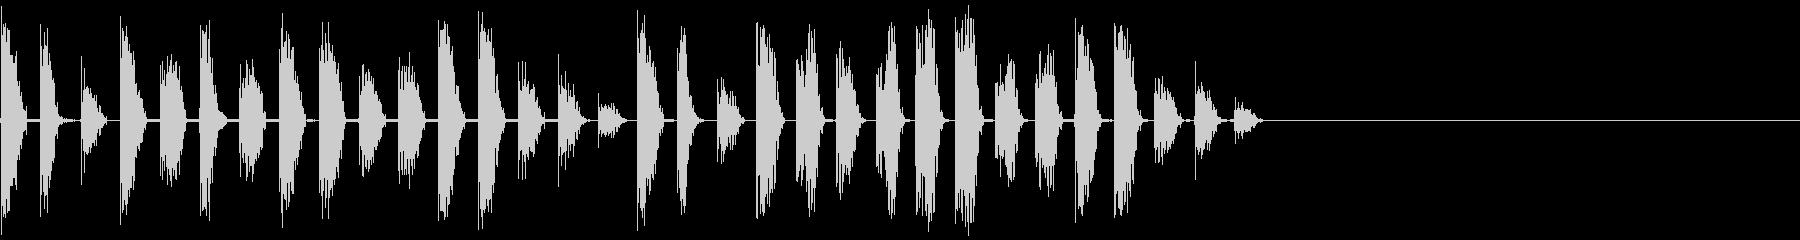 クイックディストーションジャーグロ...の未再生の波形